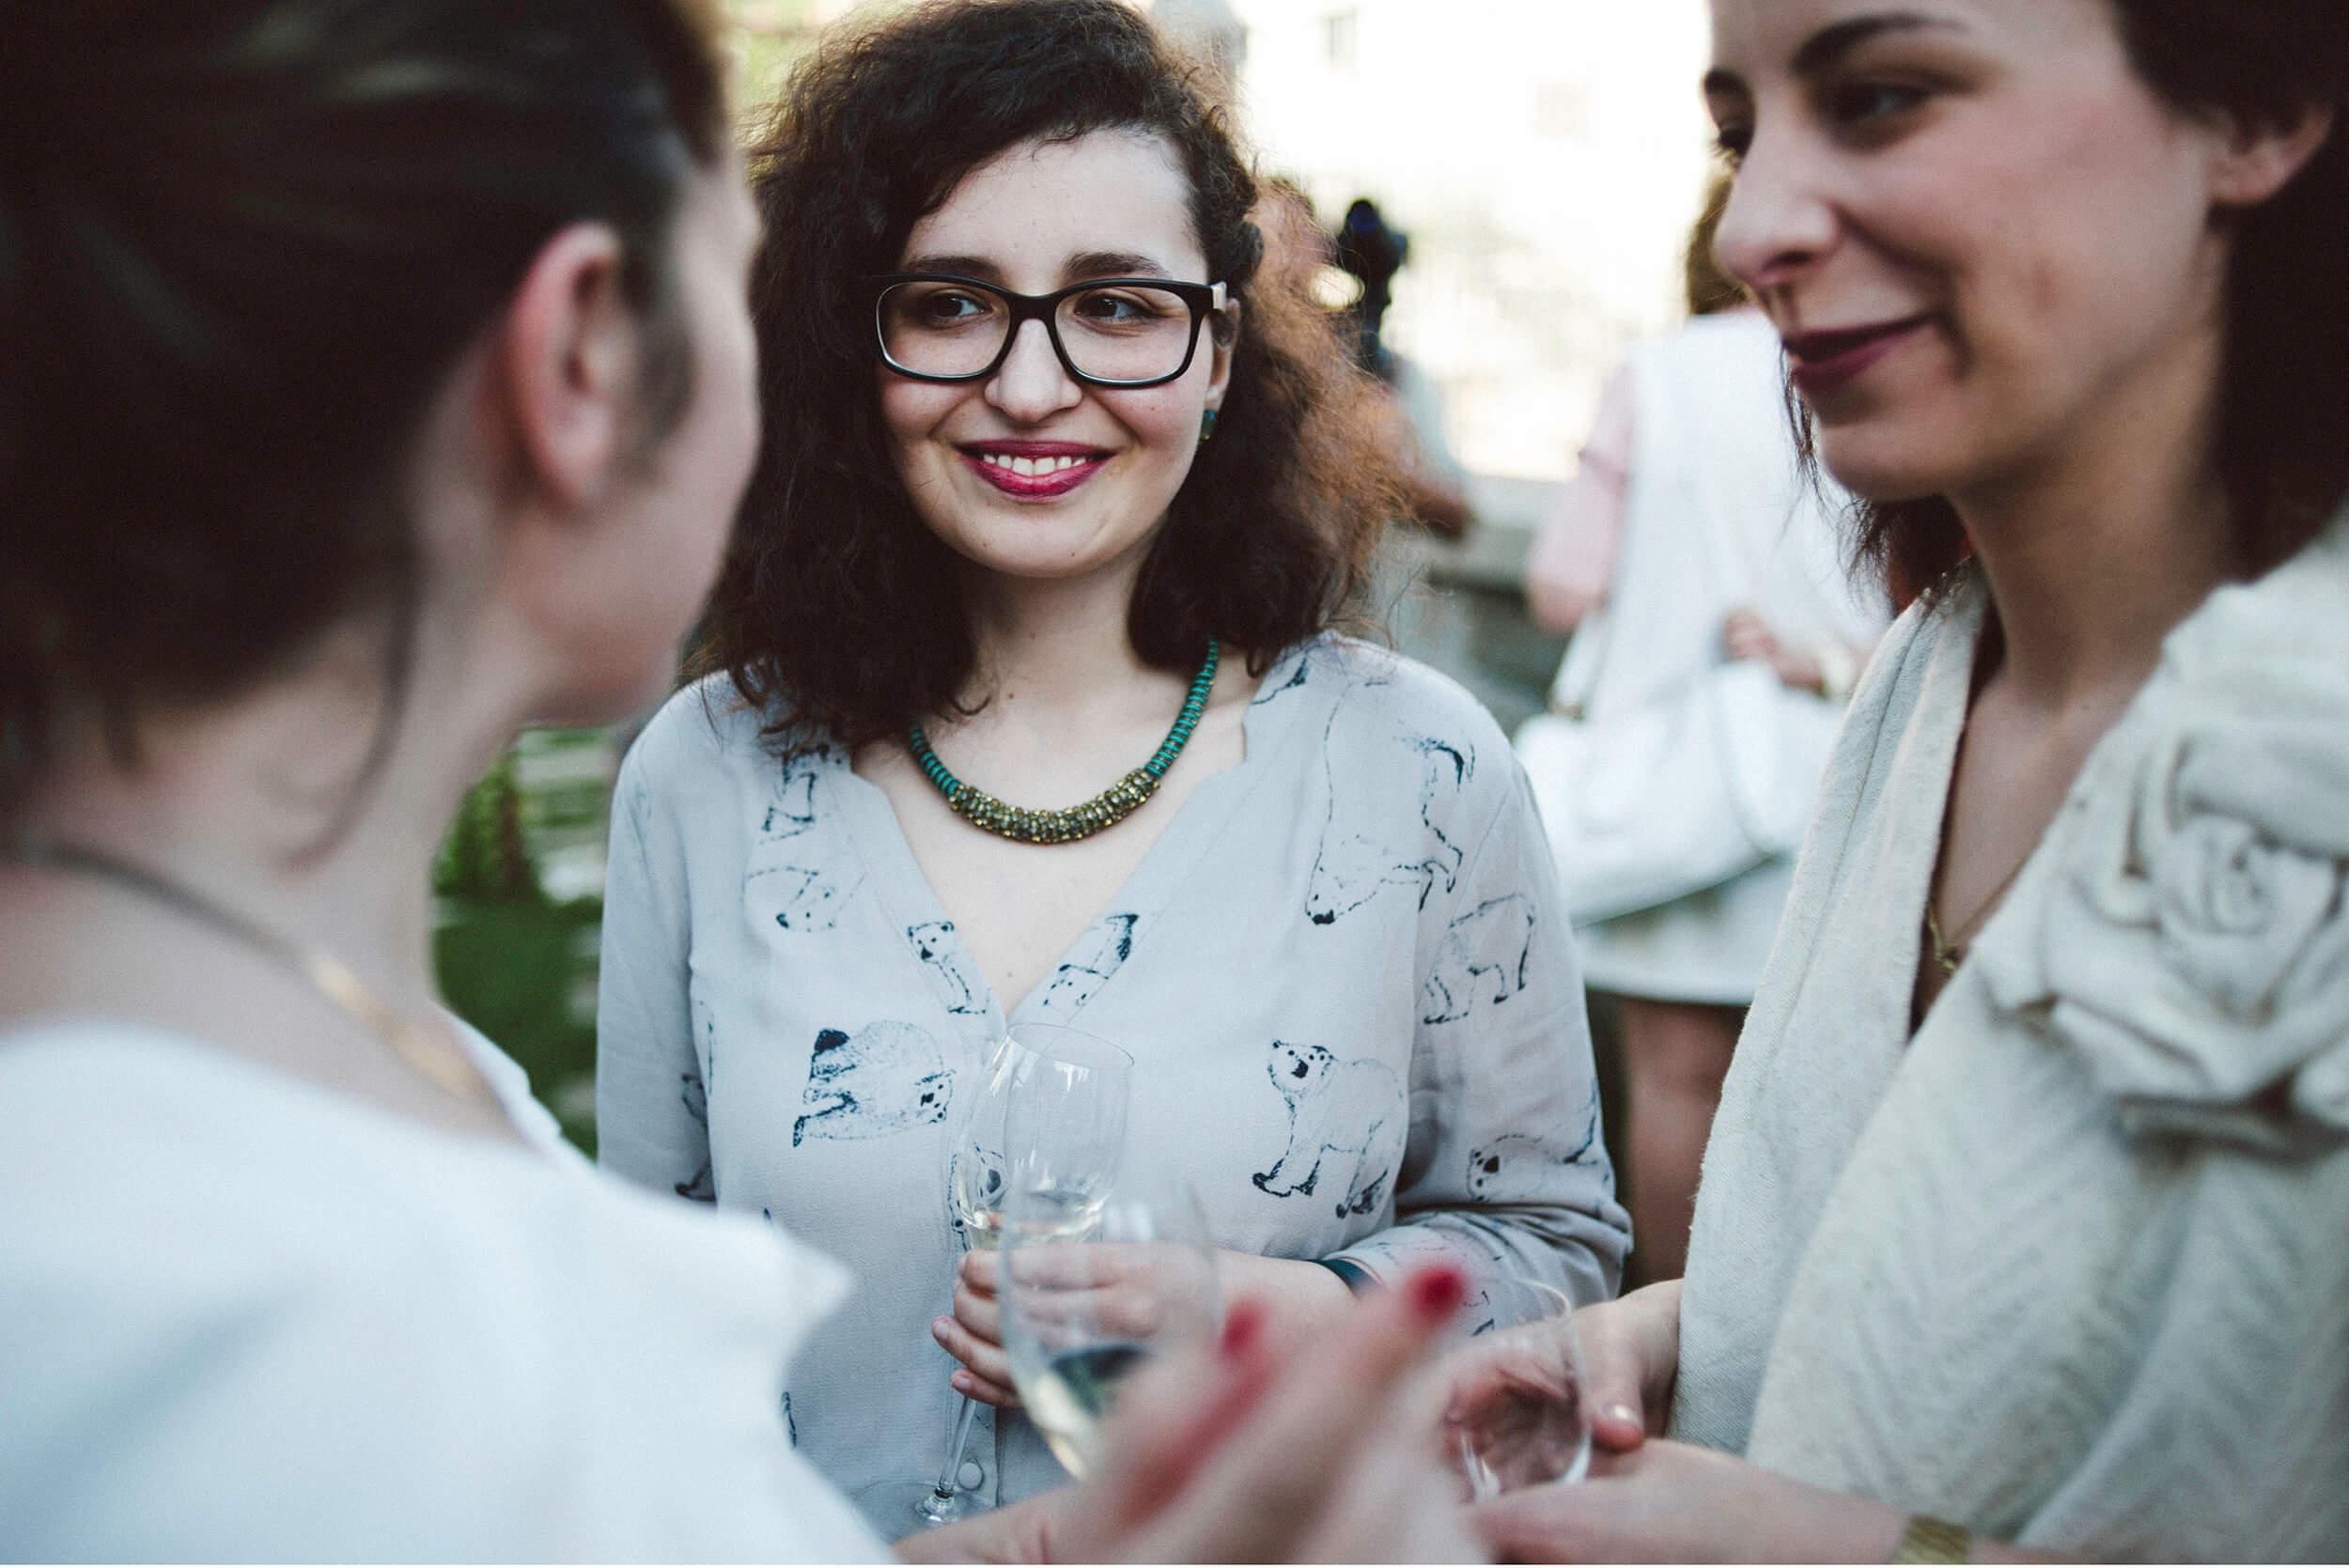 roma-organizacao-eventos-festa-de-lancamento-16